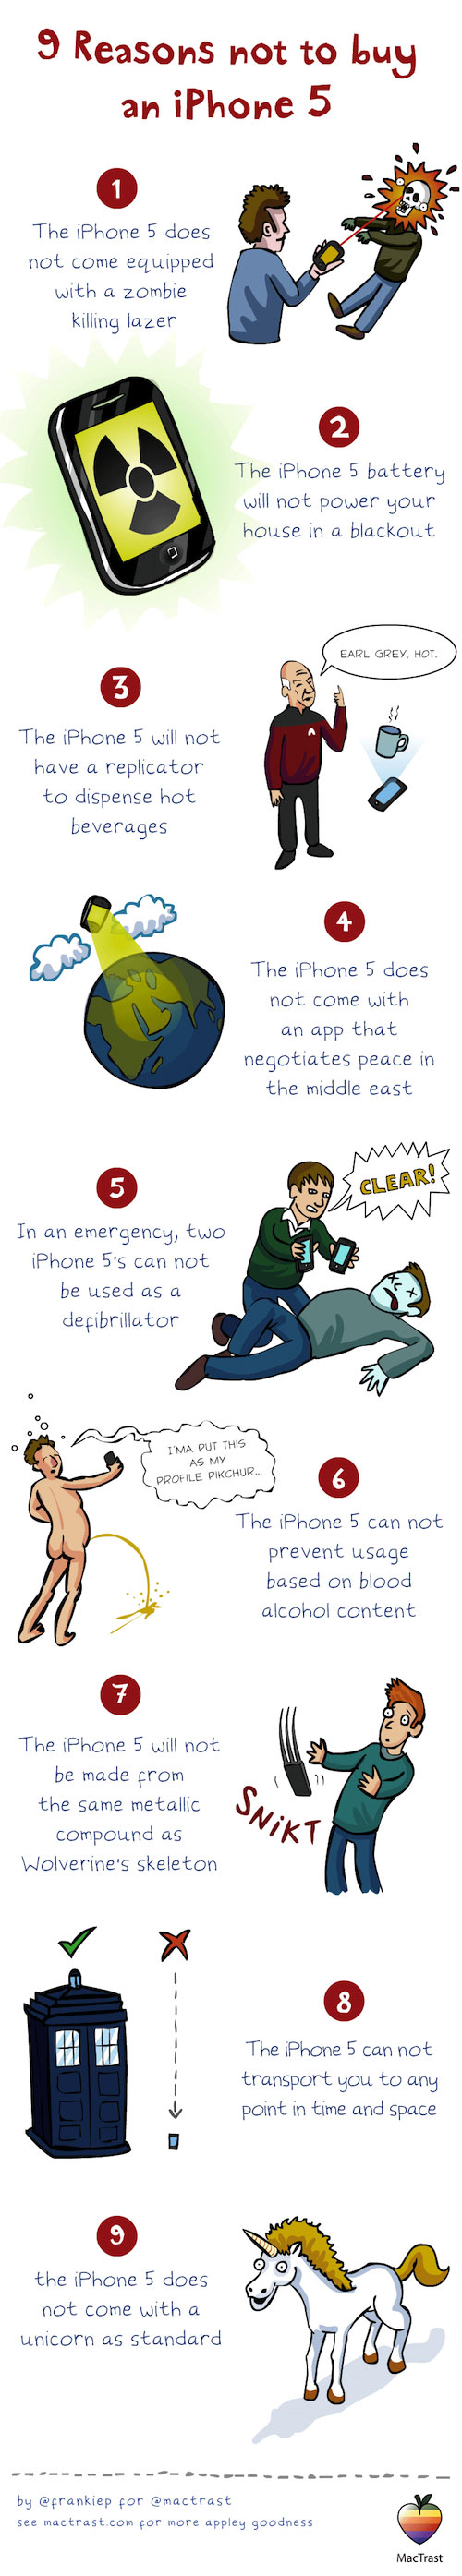 9 motivi per non comprare iPhone 5